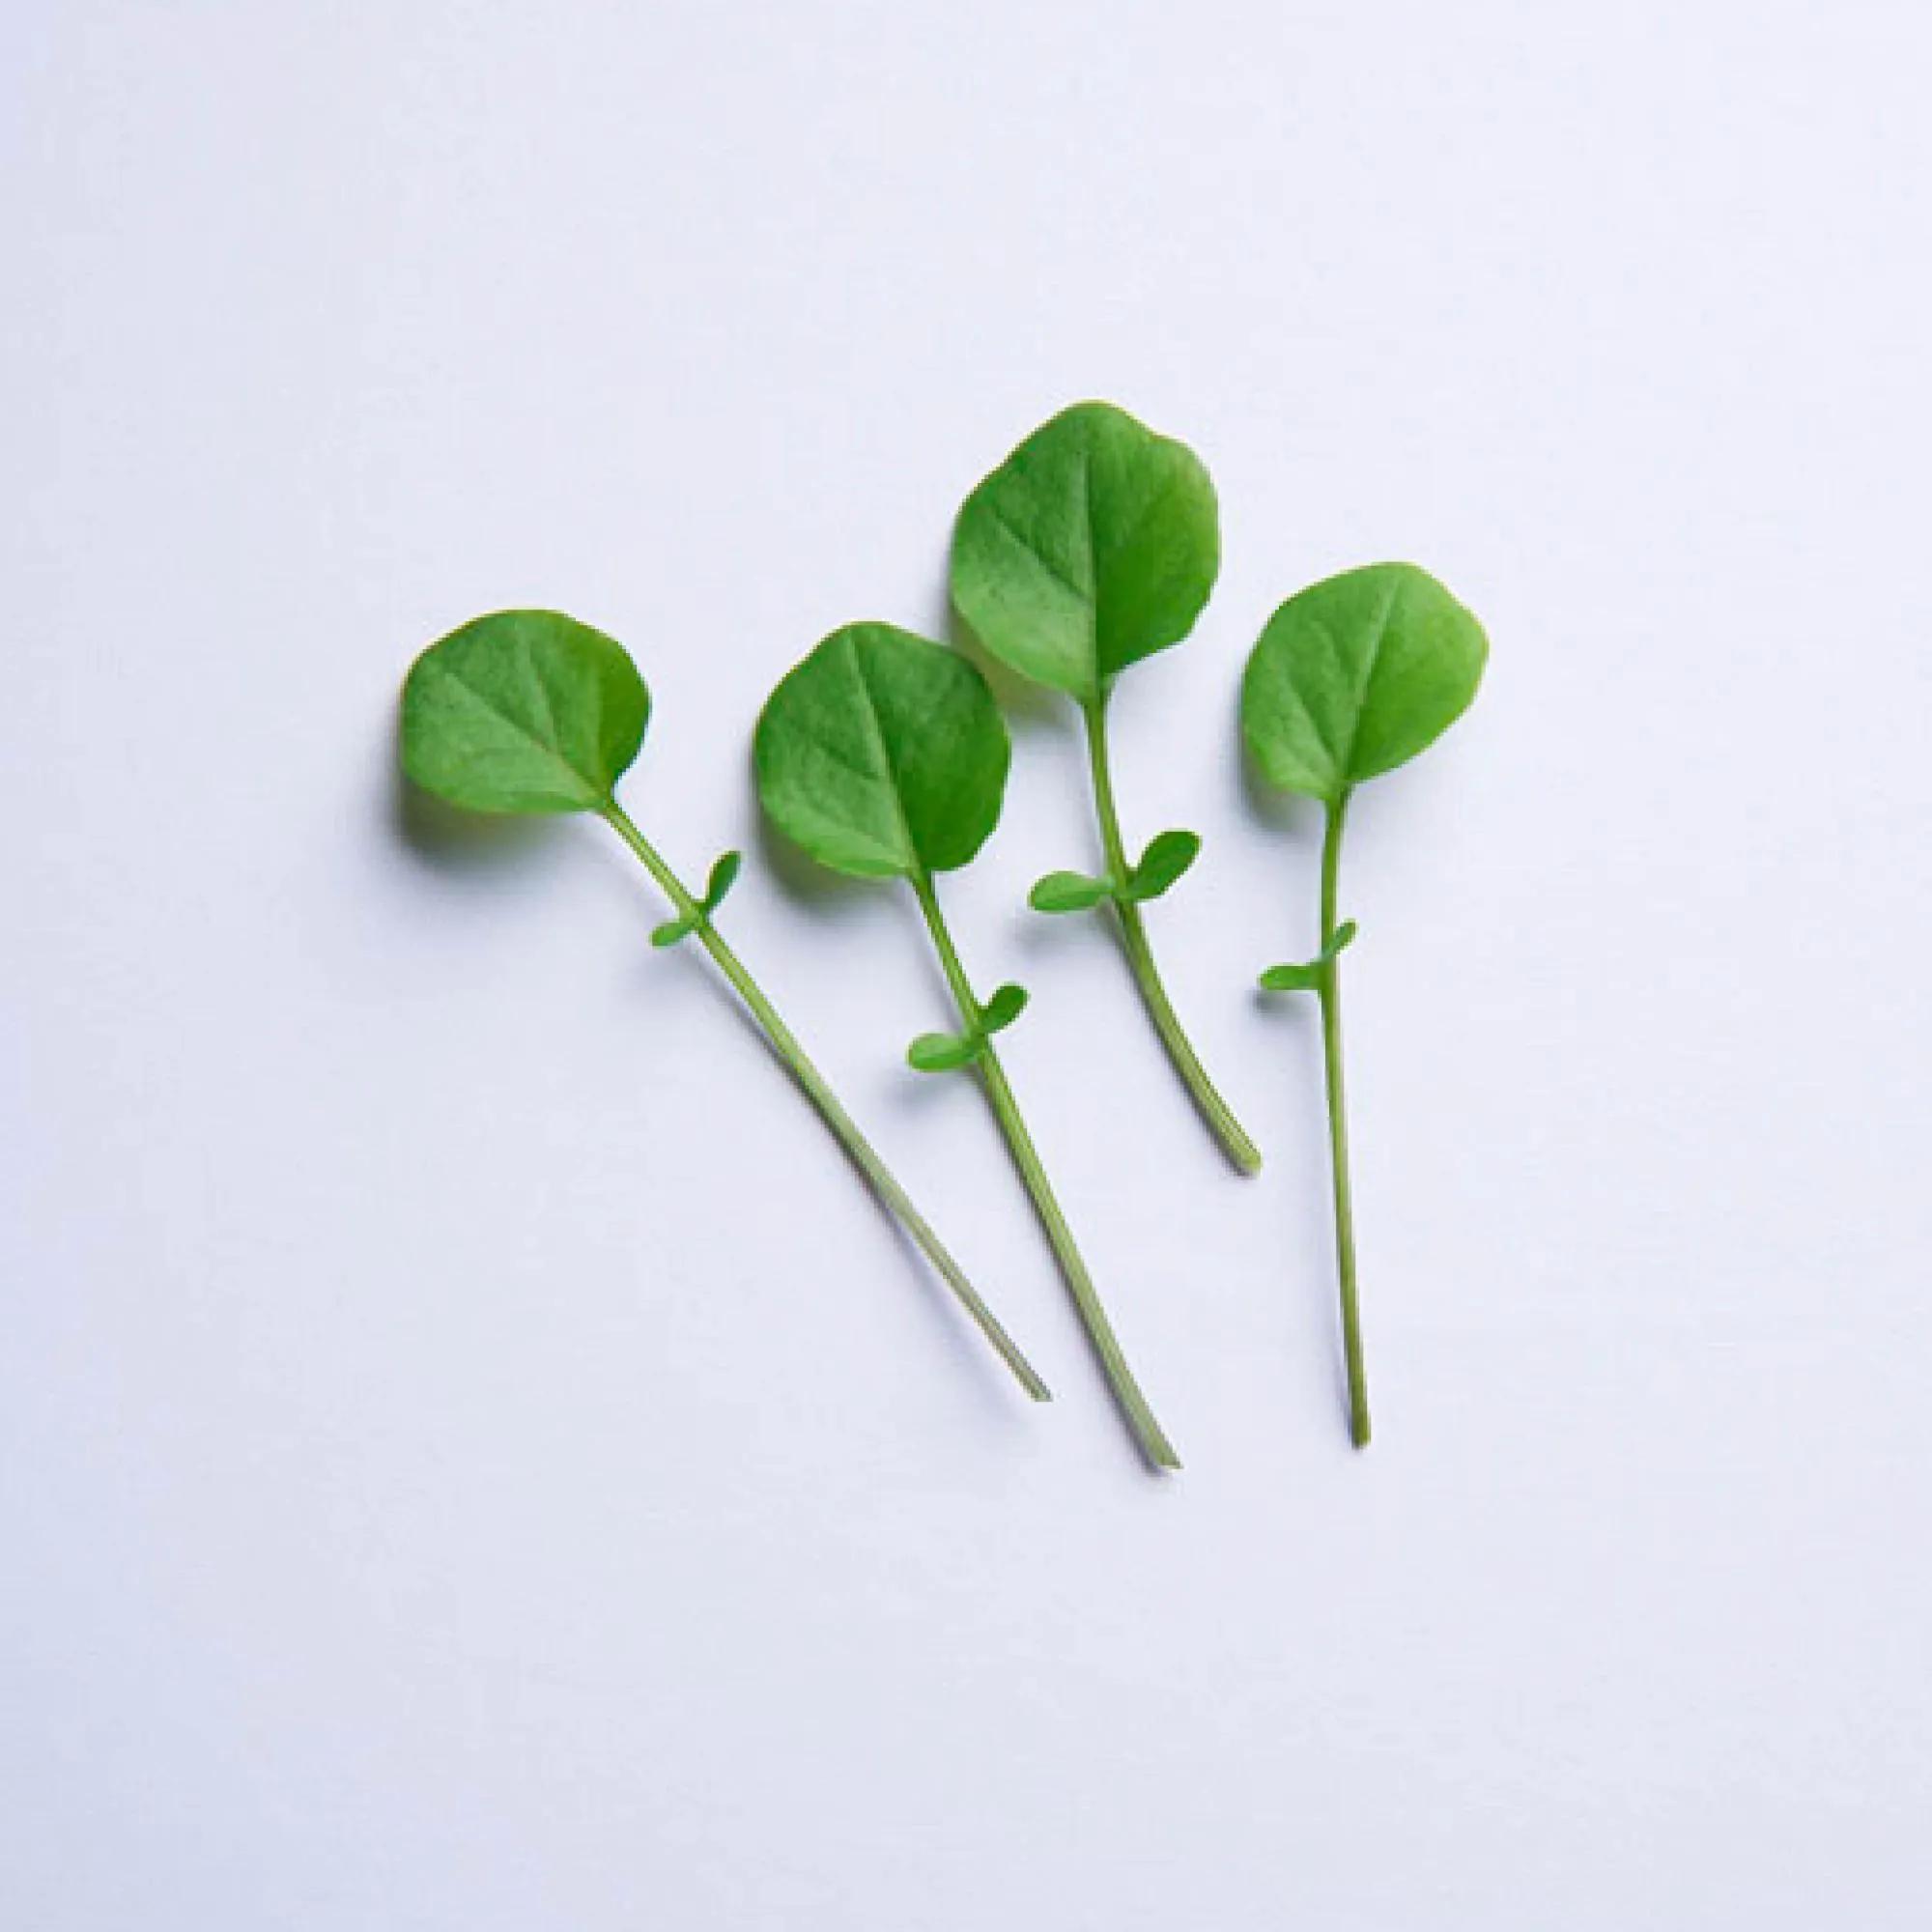 Sementes para plantar Agrião em vasos autoirrigáveis RAIZ  - Vasos Raiz Loja Oficial